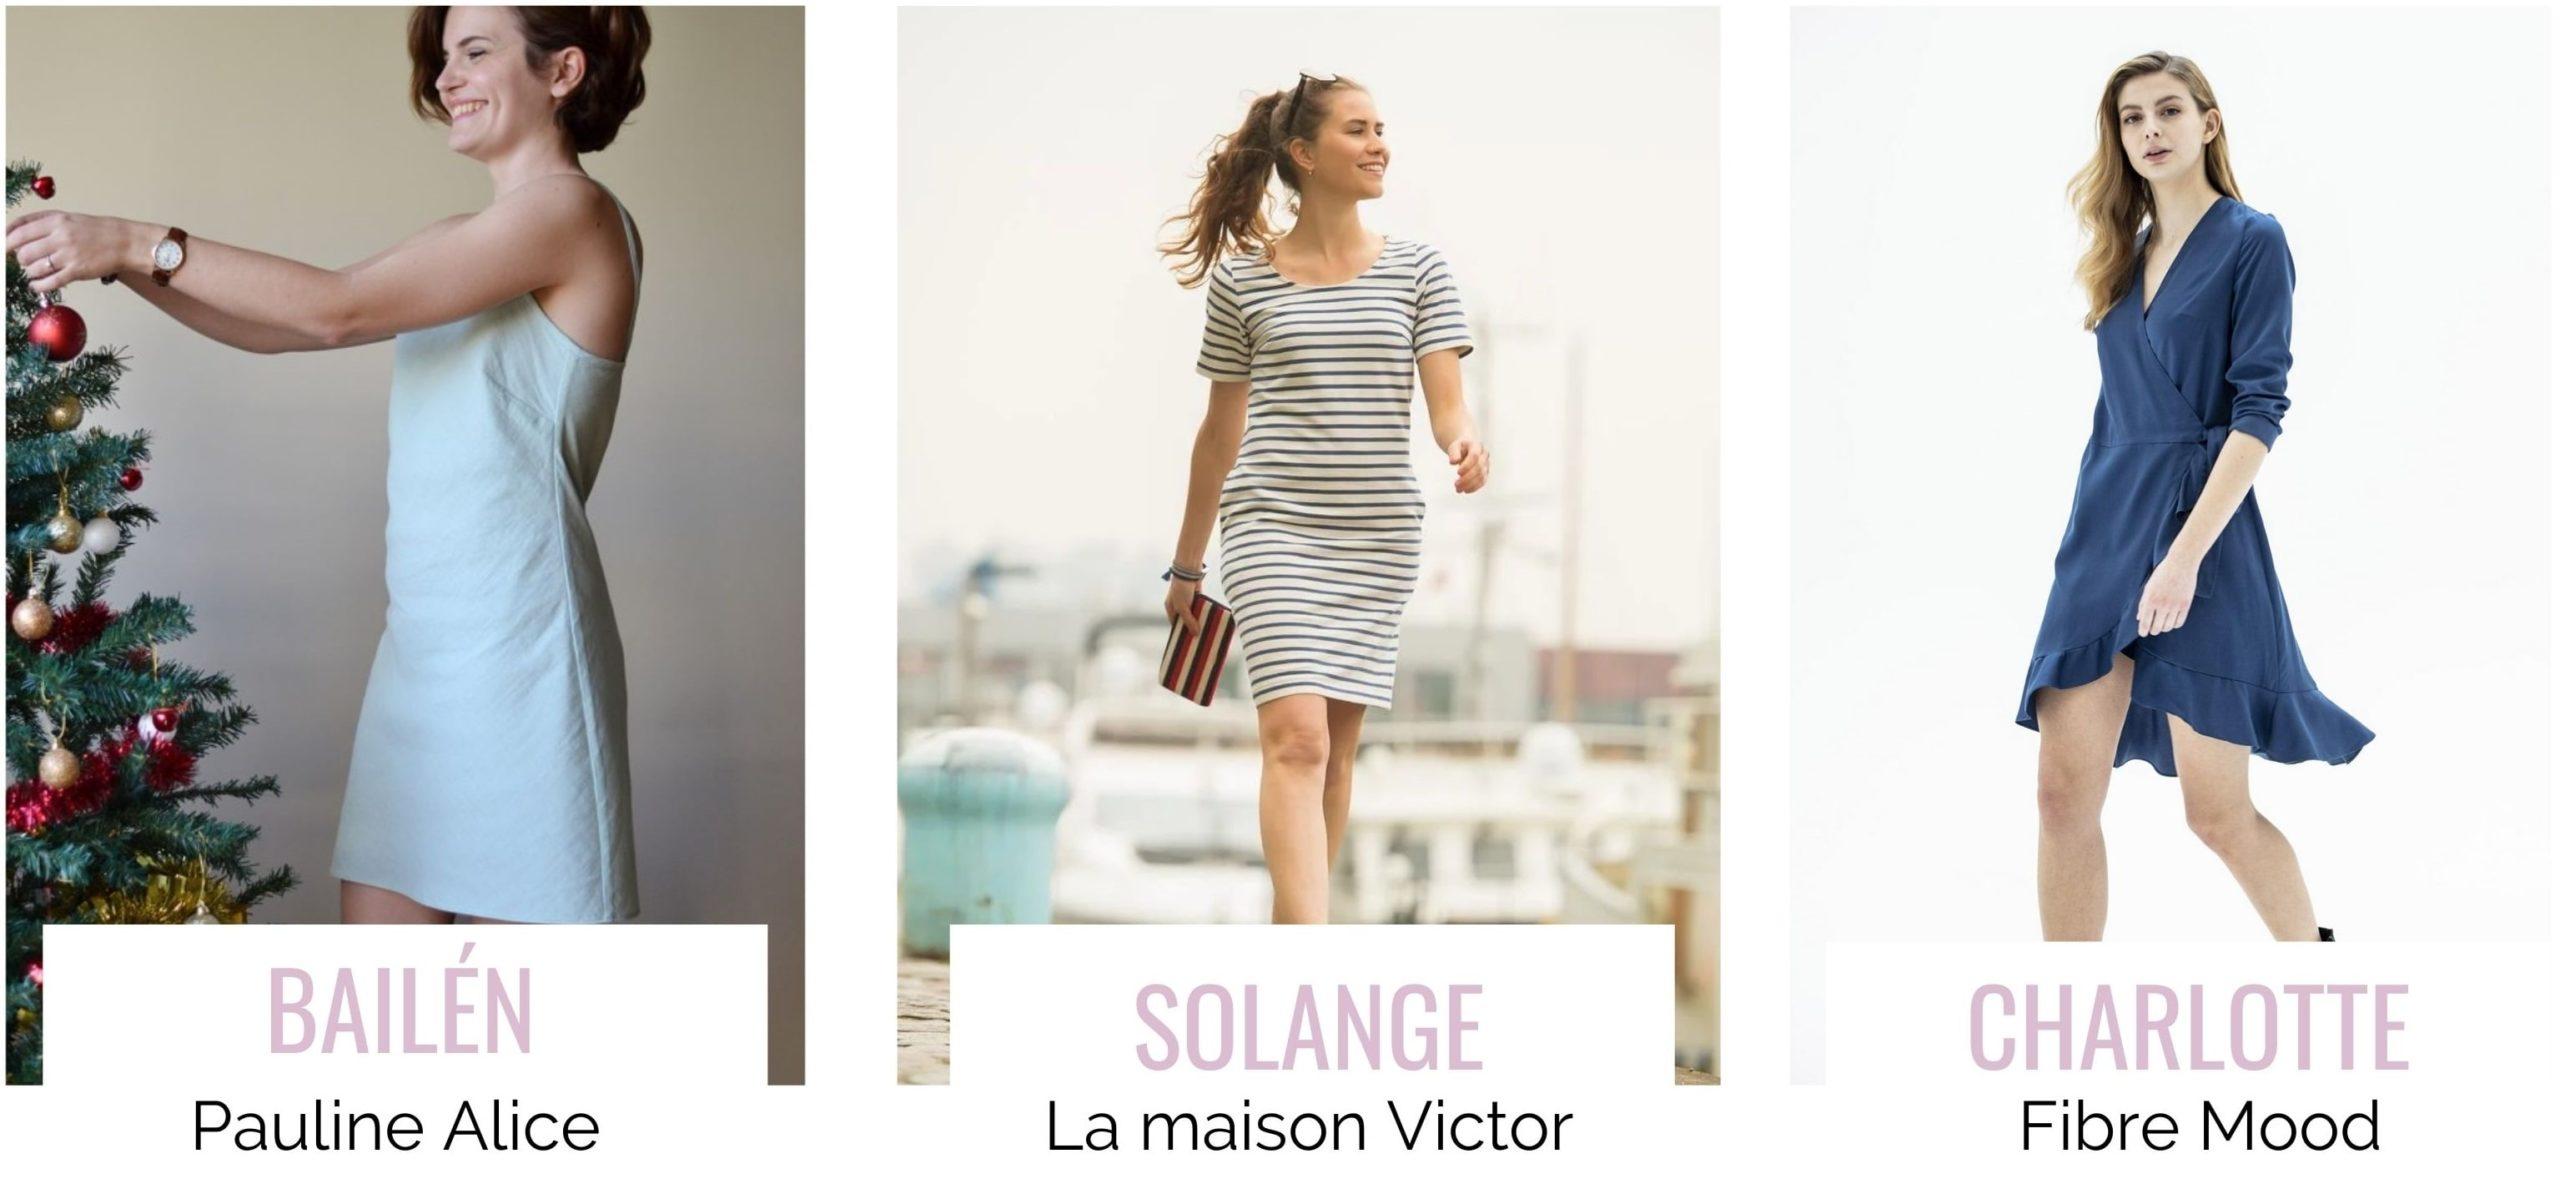 3 modèles de robe gratuits : Bailèn, solange et charlotte